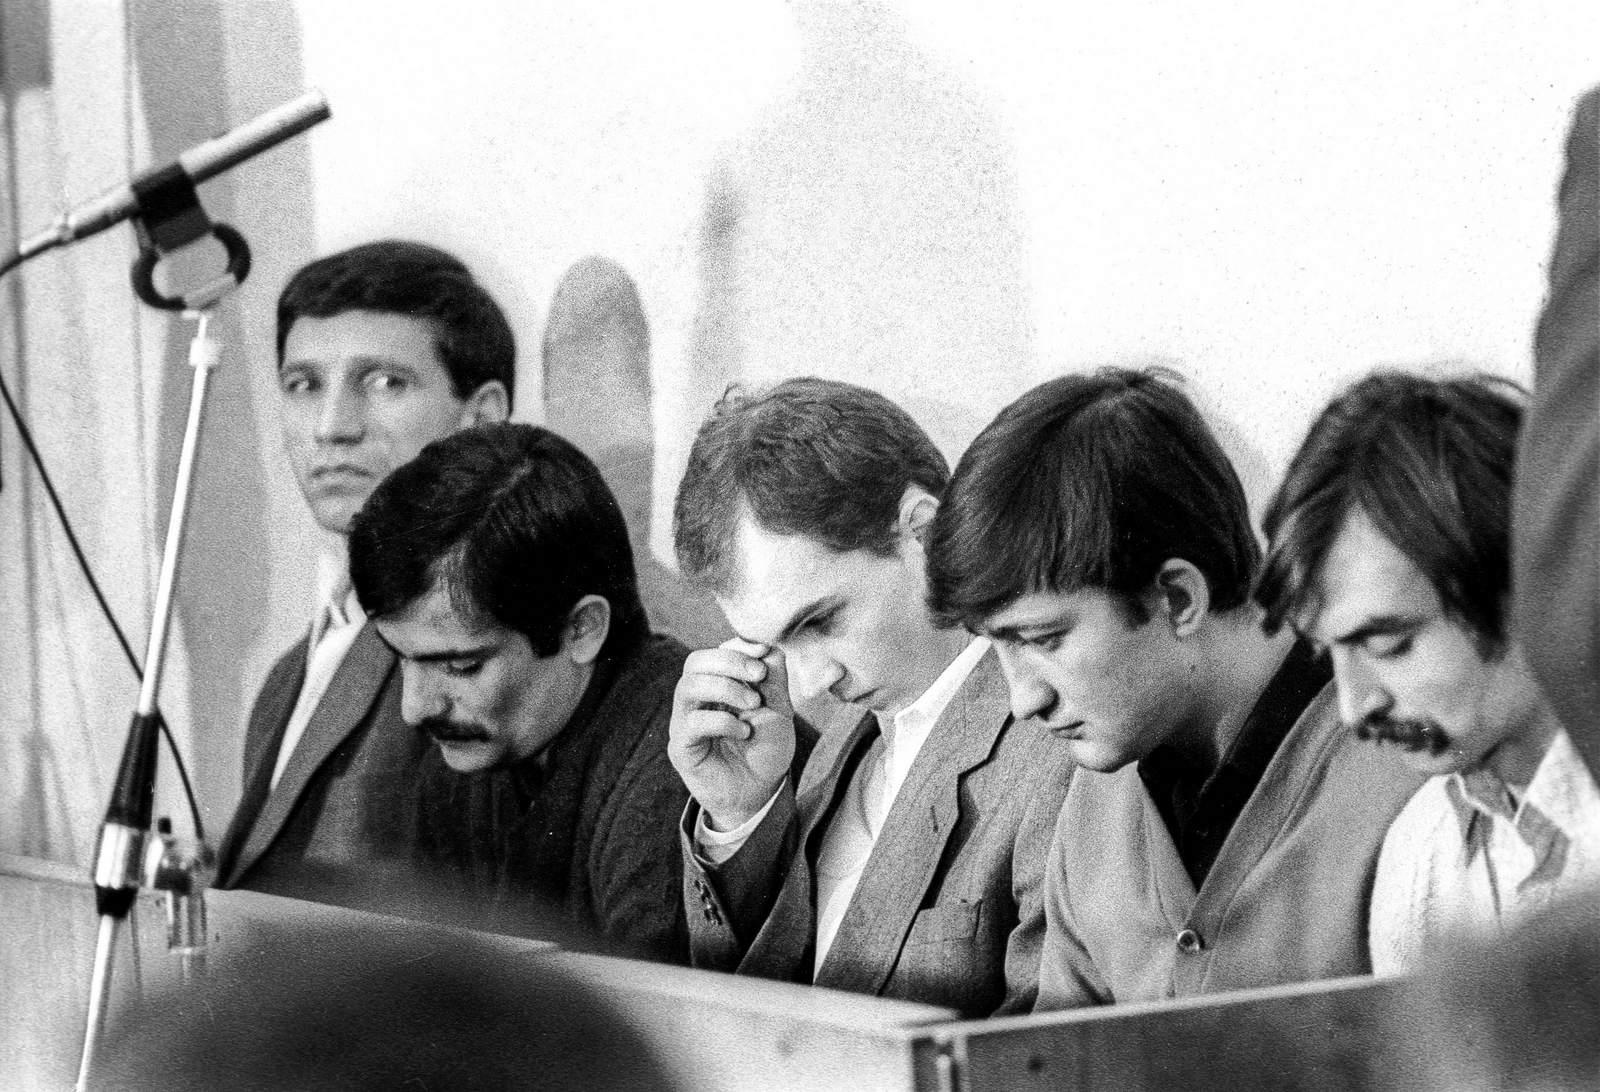 Ровно 27 лет назад, 1 декабря 1988 года, в г орджоникидзе (владикавказ) был совершён захват автобуса с детьмизахват